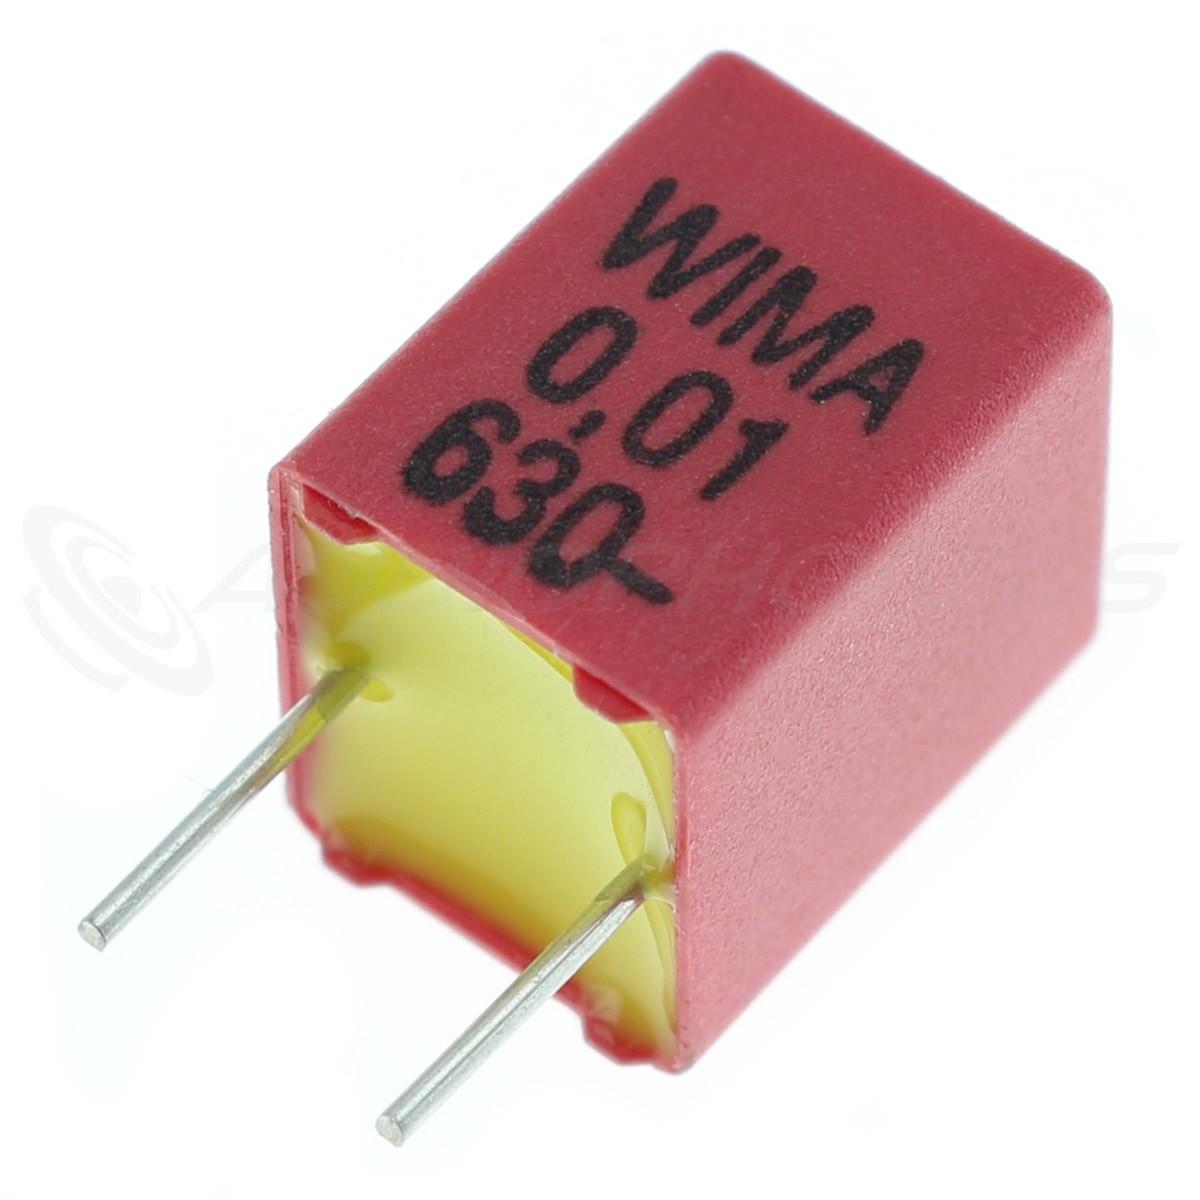 WIMA FKP-2 Polypropylene Capacitor 5mm 1000V 0.0015µF